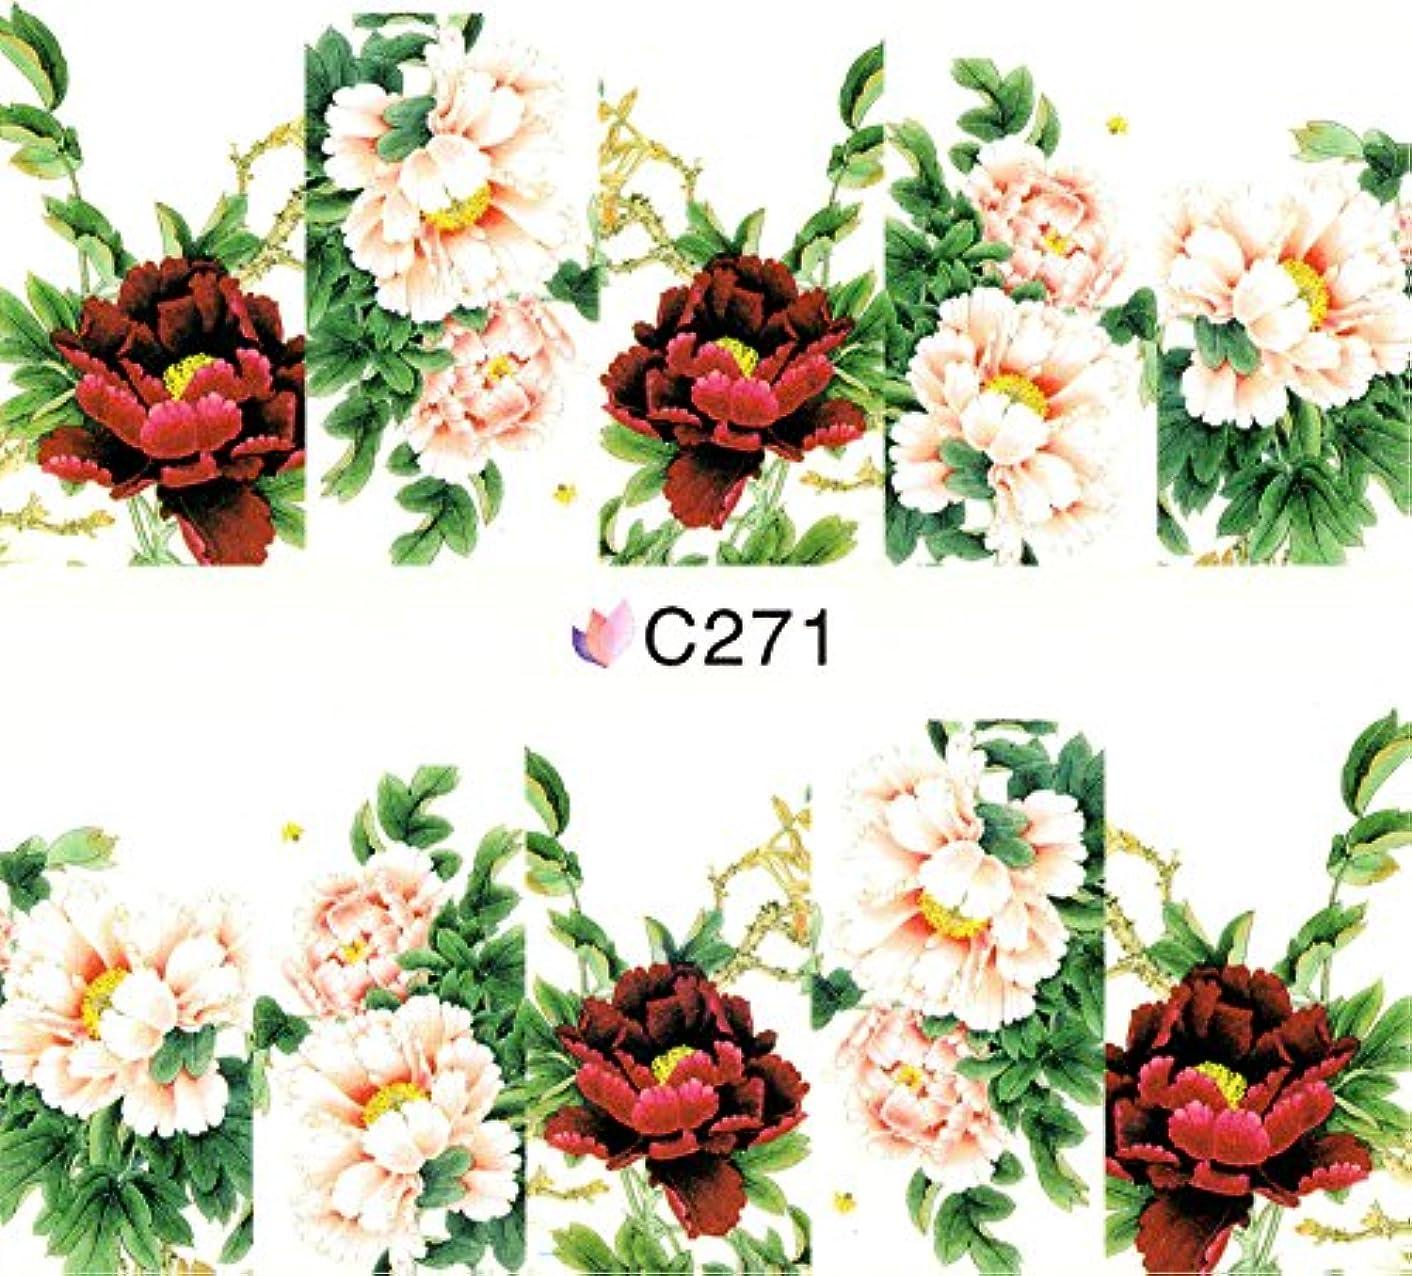 信頼性のある違反シソーラスウォーターネイルシール 花柄 選べる17種類 極薄?重ね貼りOK (W13)